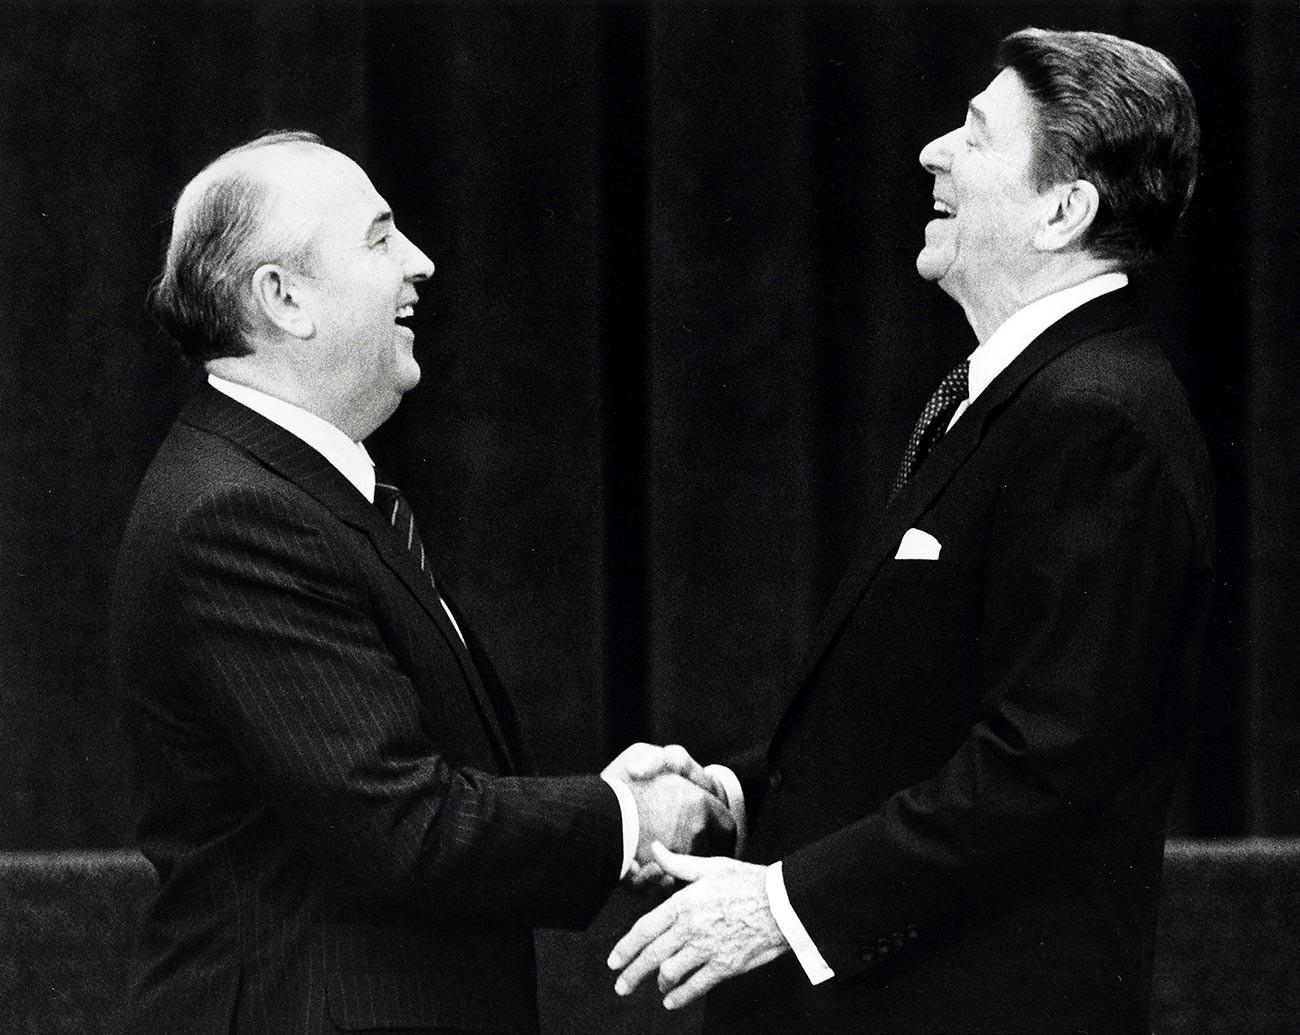 Совјетски лидер Михаил Горбачов (лево) у сусрету са америчким председником Роналдом Реганом у Женеви, Швајцарска, 19. новембар 1985.